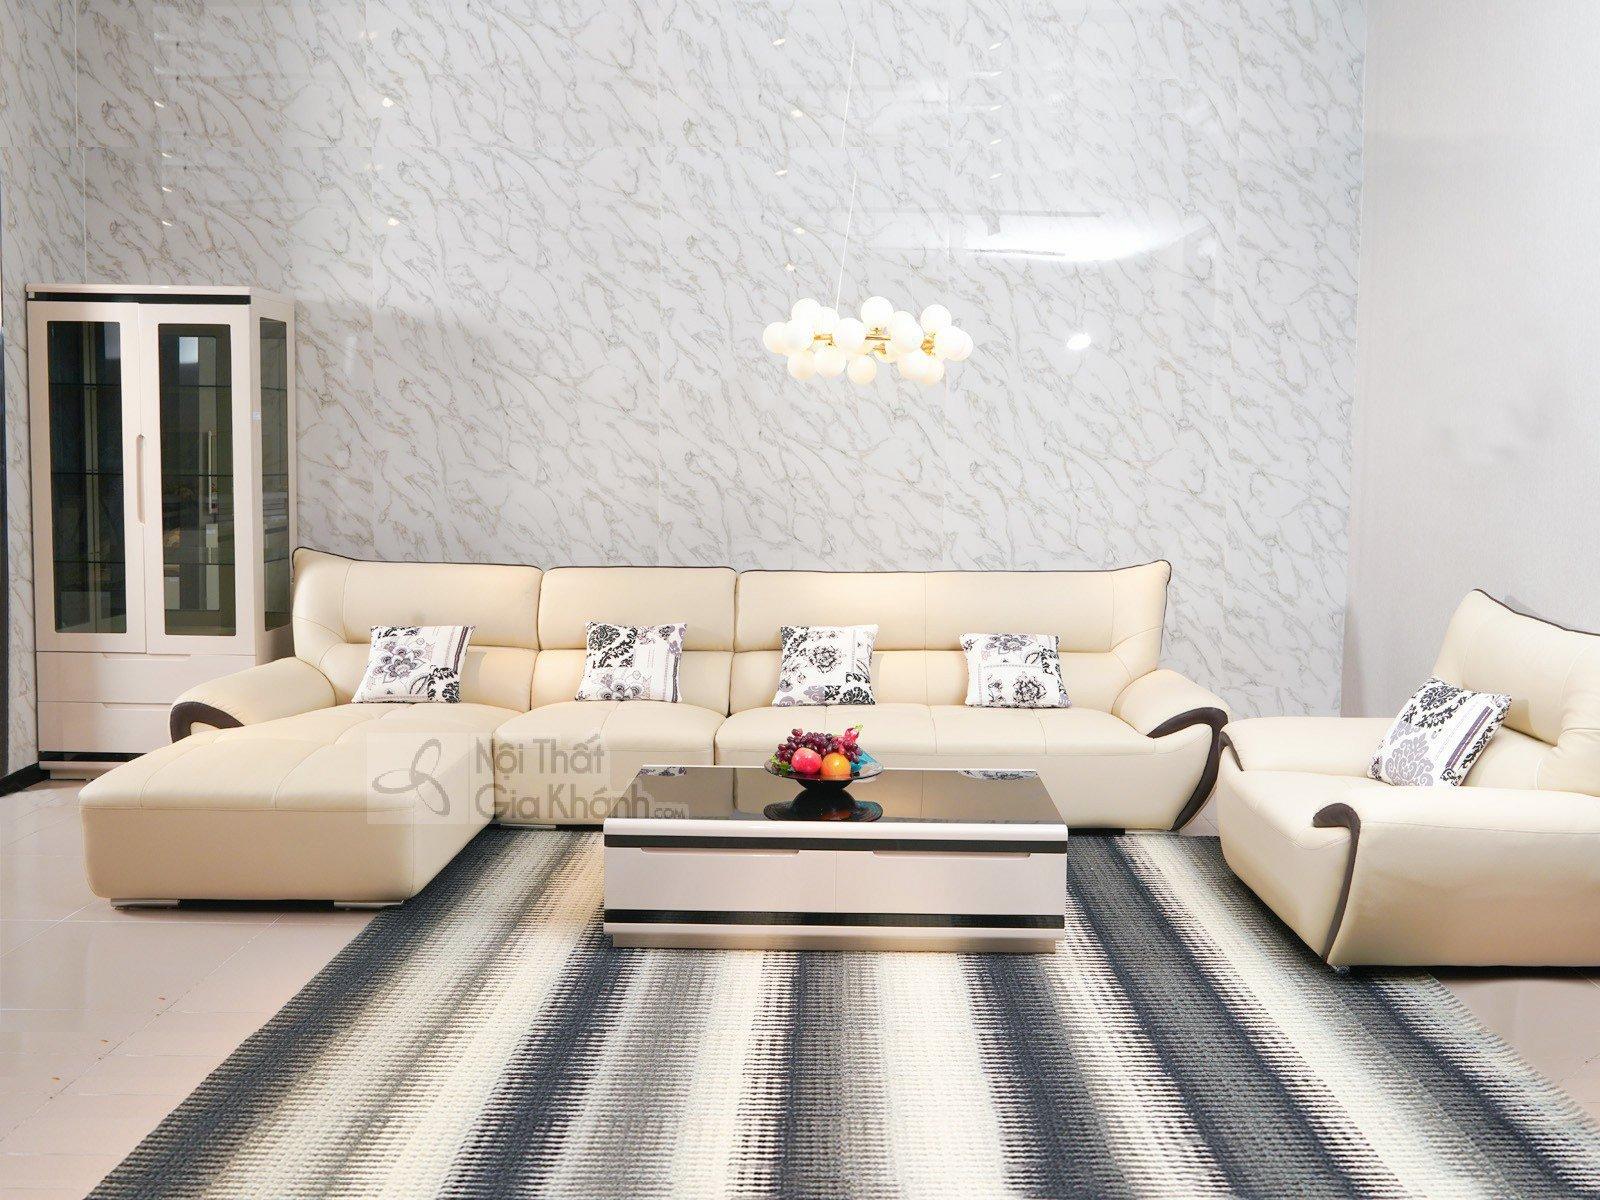 Bàn trà (Bàn sofa) gỗ phòng khách hiện đại mặt kính nhập khẩu 3311BT - sofa hien dai 3334SF 2 1 2